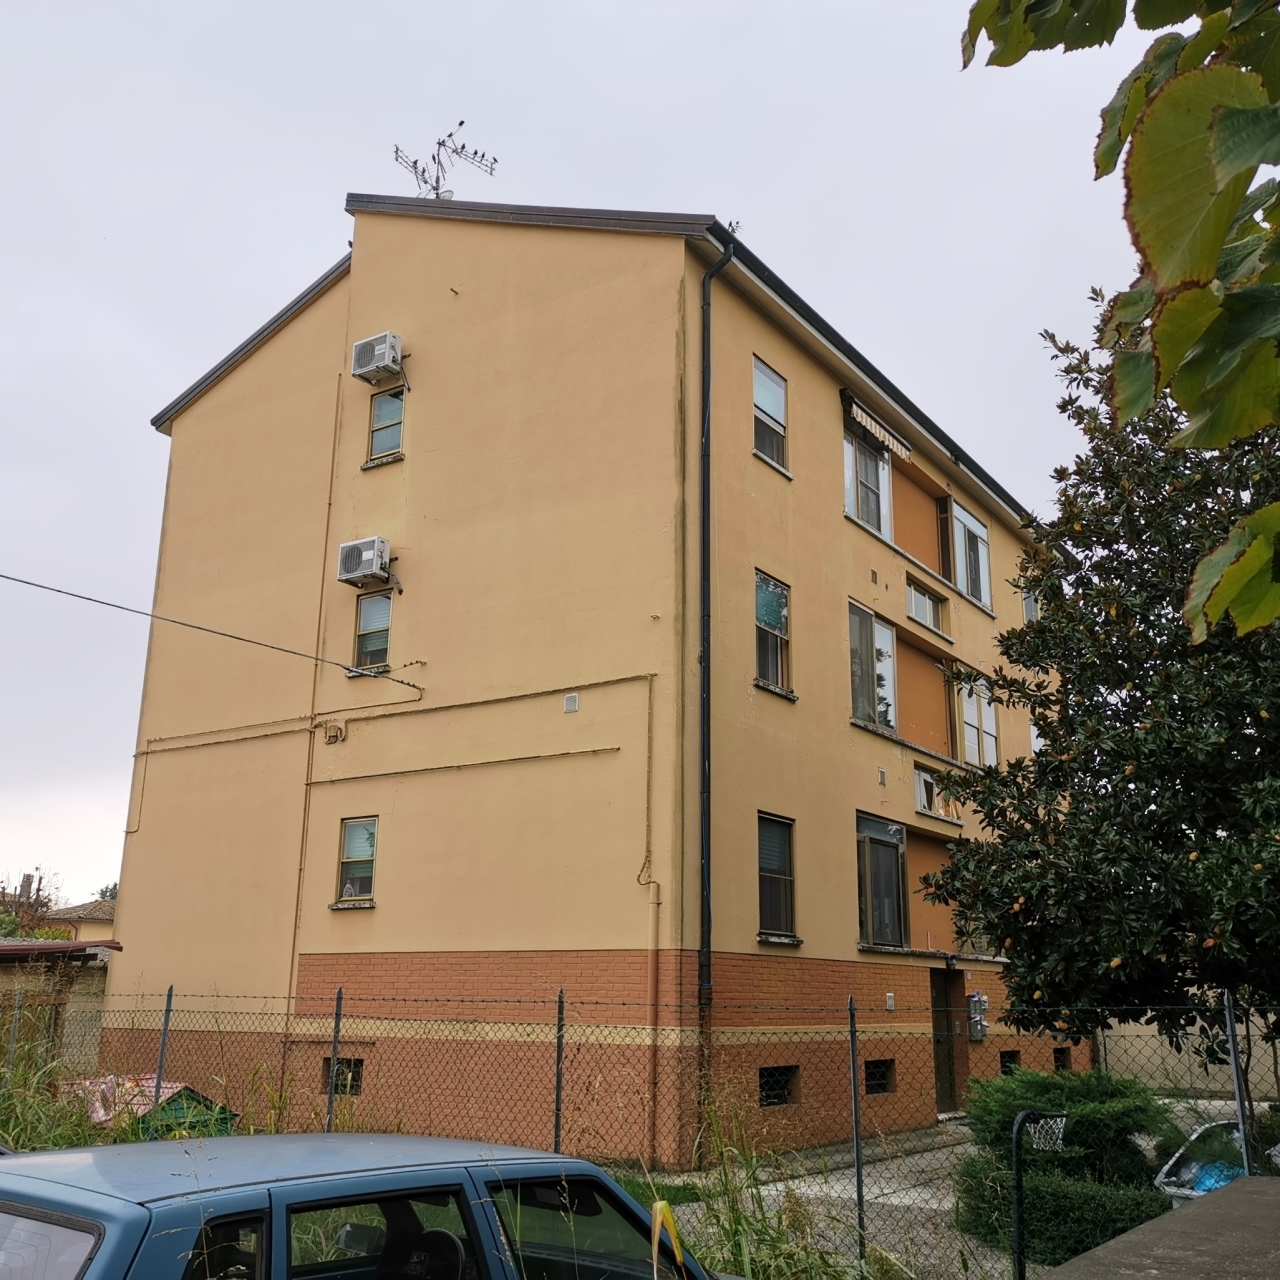 Appartamento in vendita a Baricella, 3 locali, prezzo € 48.000 | CambioCasa.it